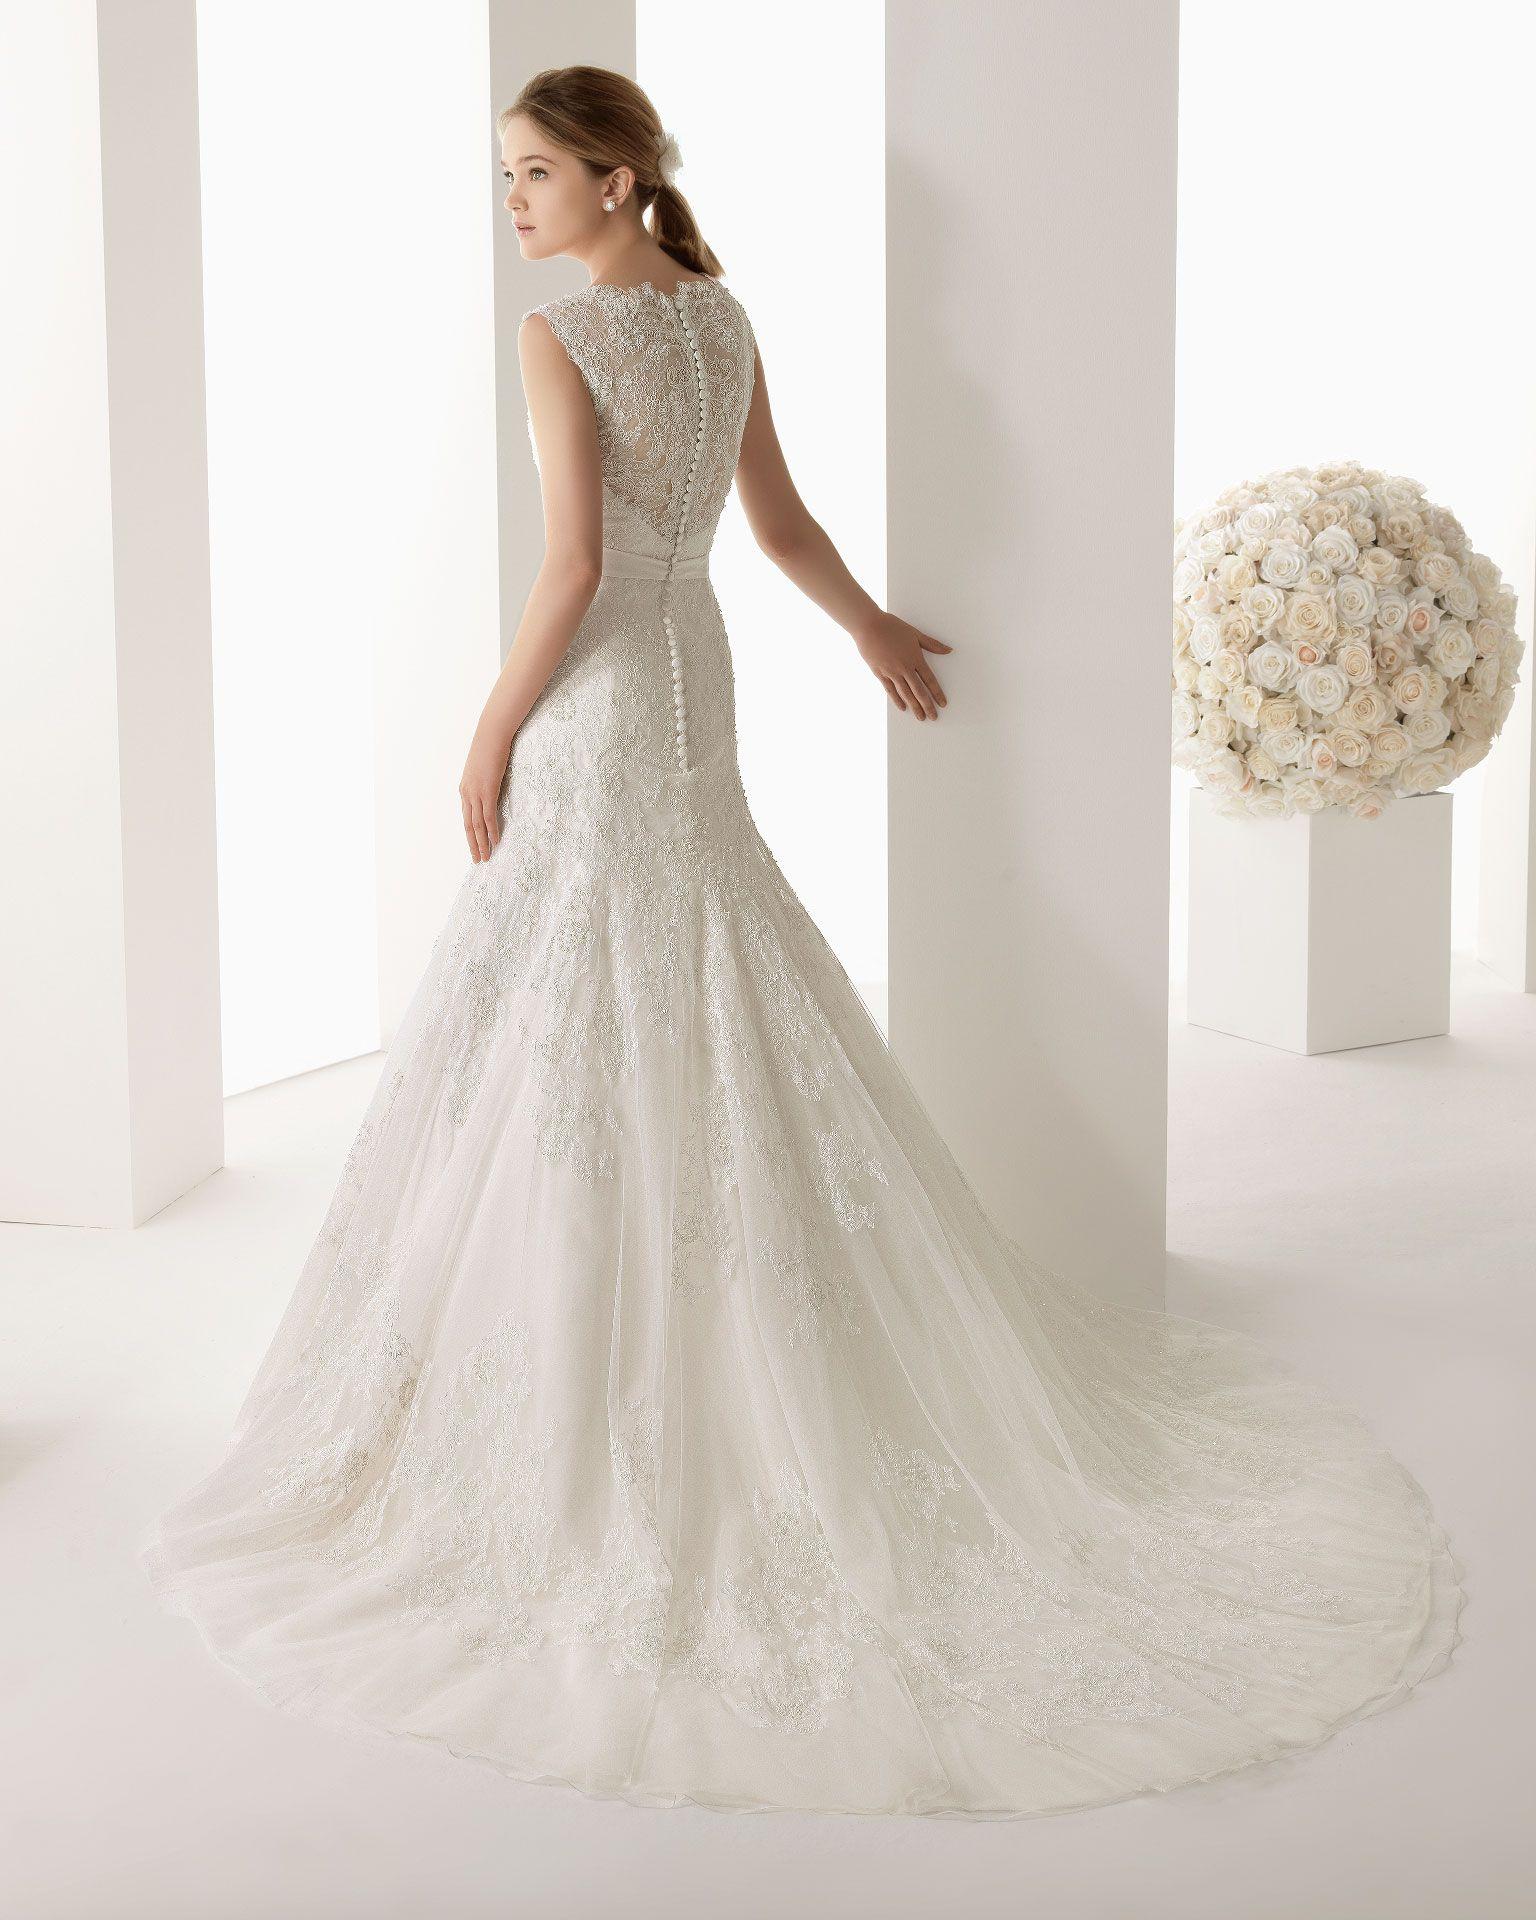 Vestidos novia mallorca baratos